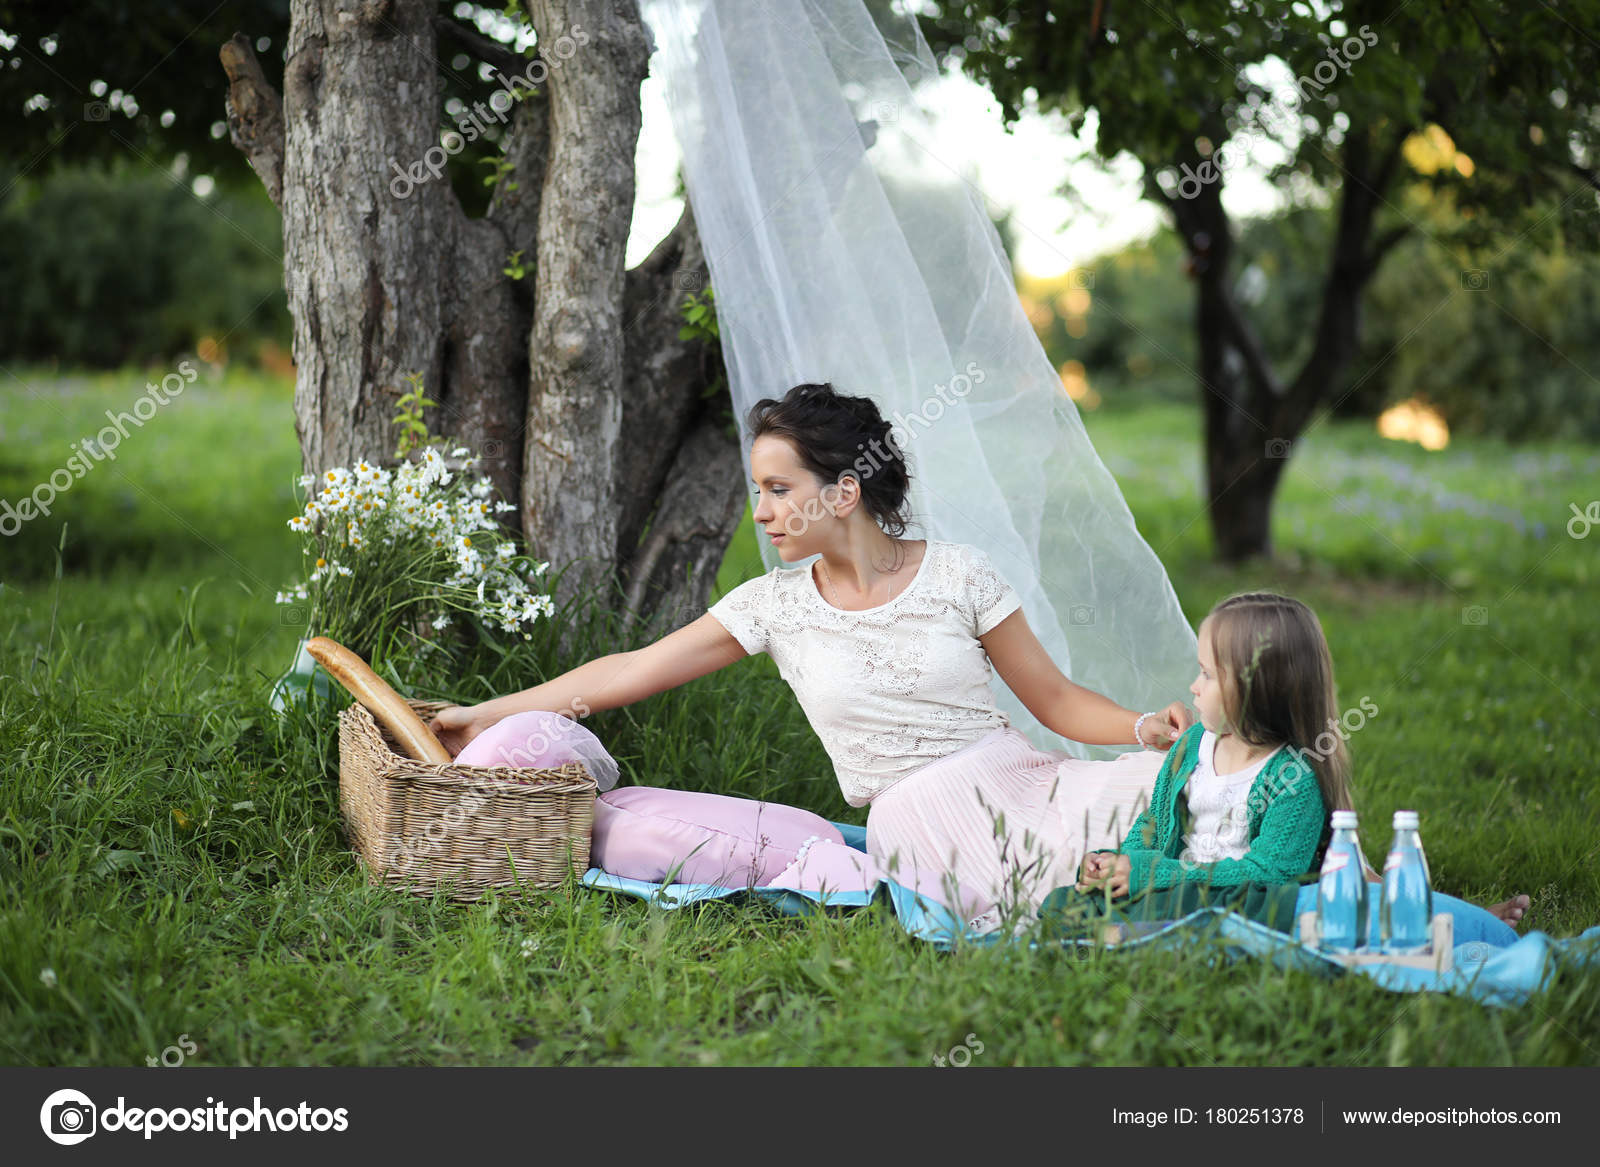 Читать на даче с дочкой, У подруги на даче » Эротические порно рассказы и секс 17 фотография